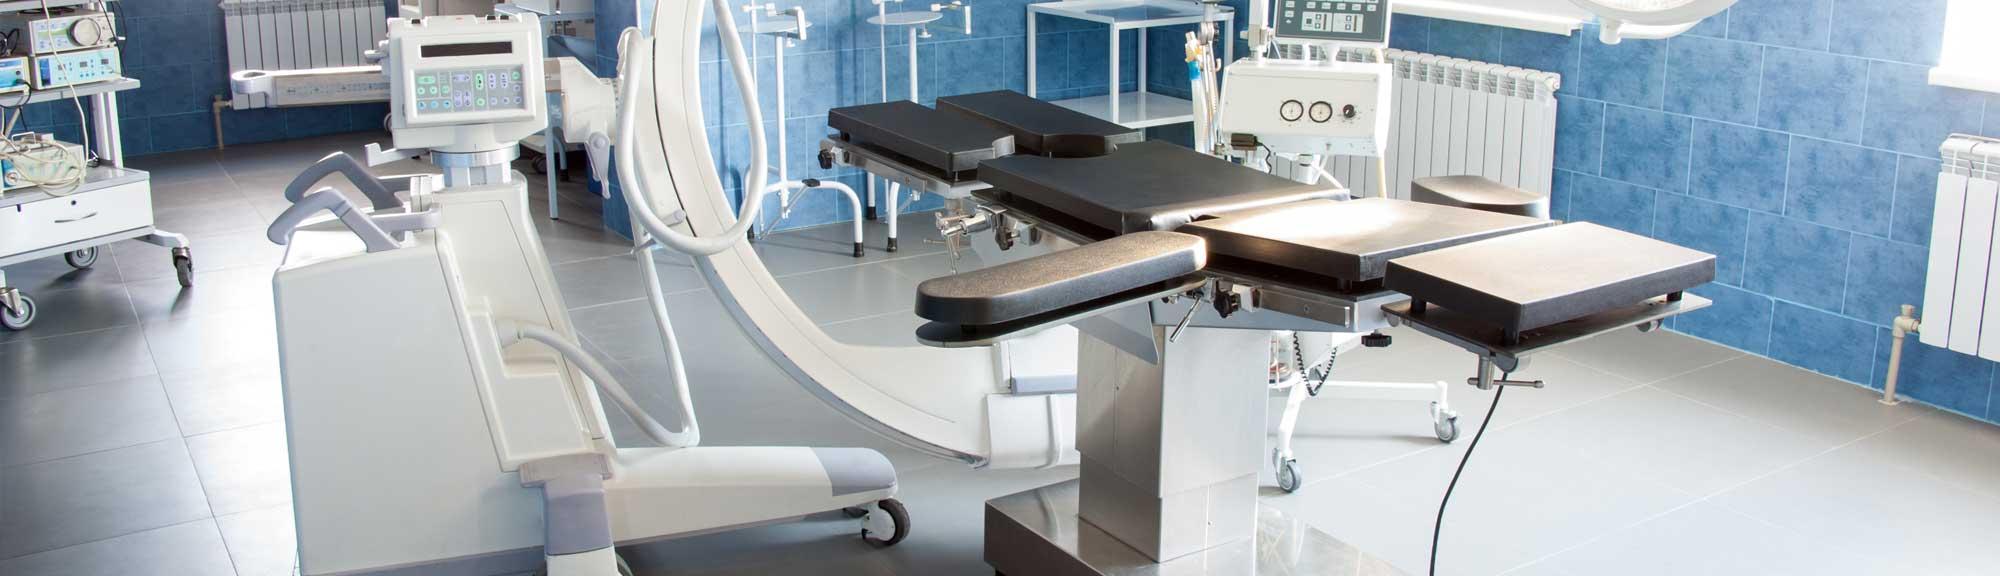 equipos-medicos-para-leasing